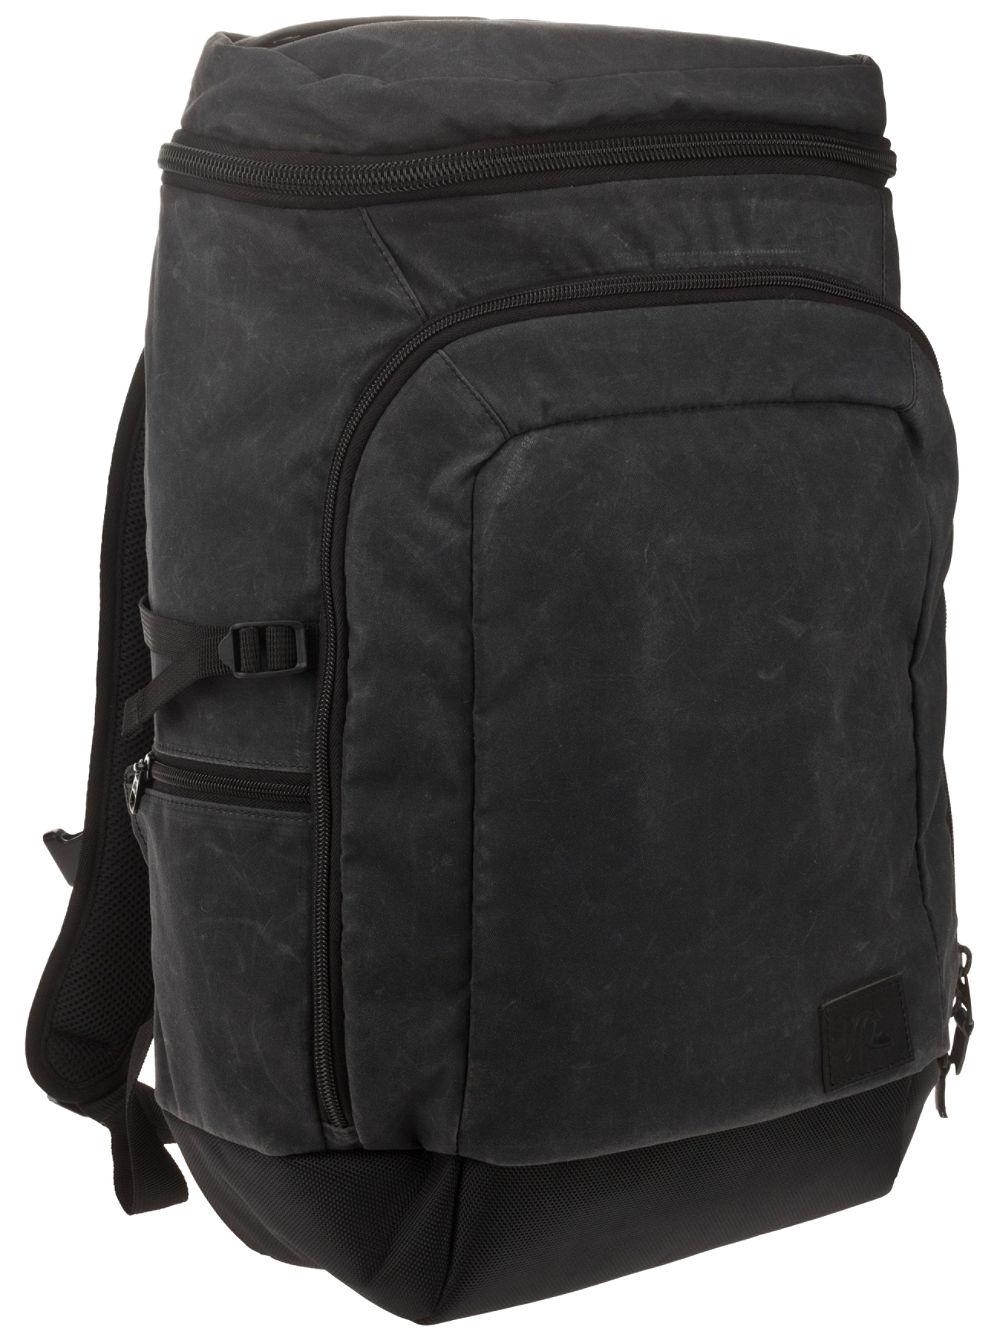 quiksilver-lodge-ii-backpack